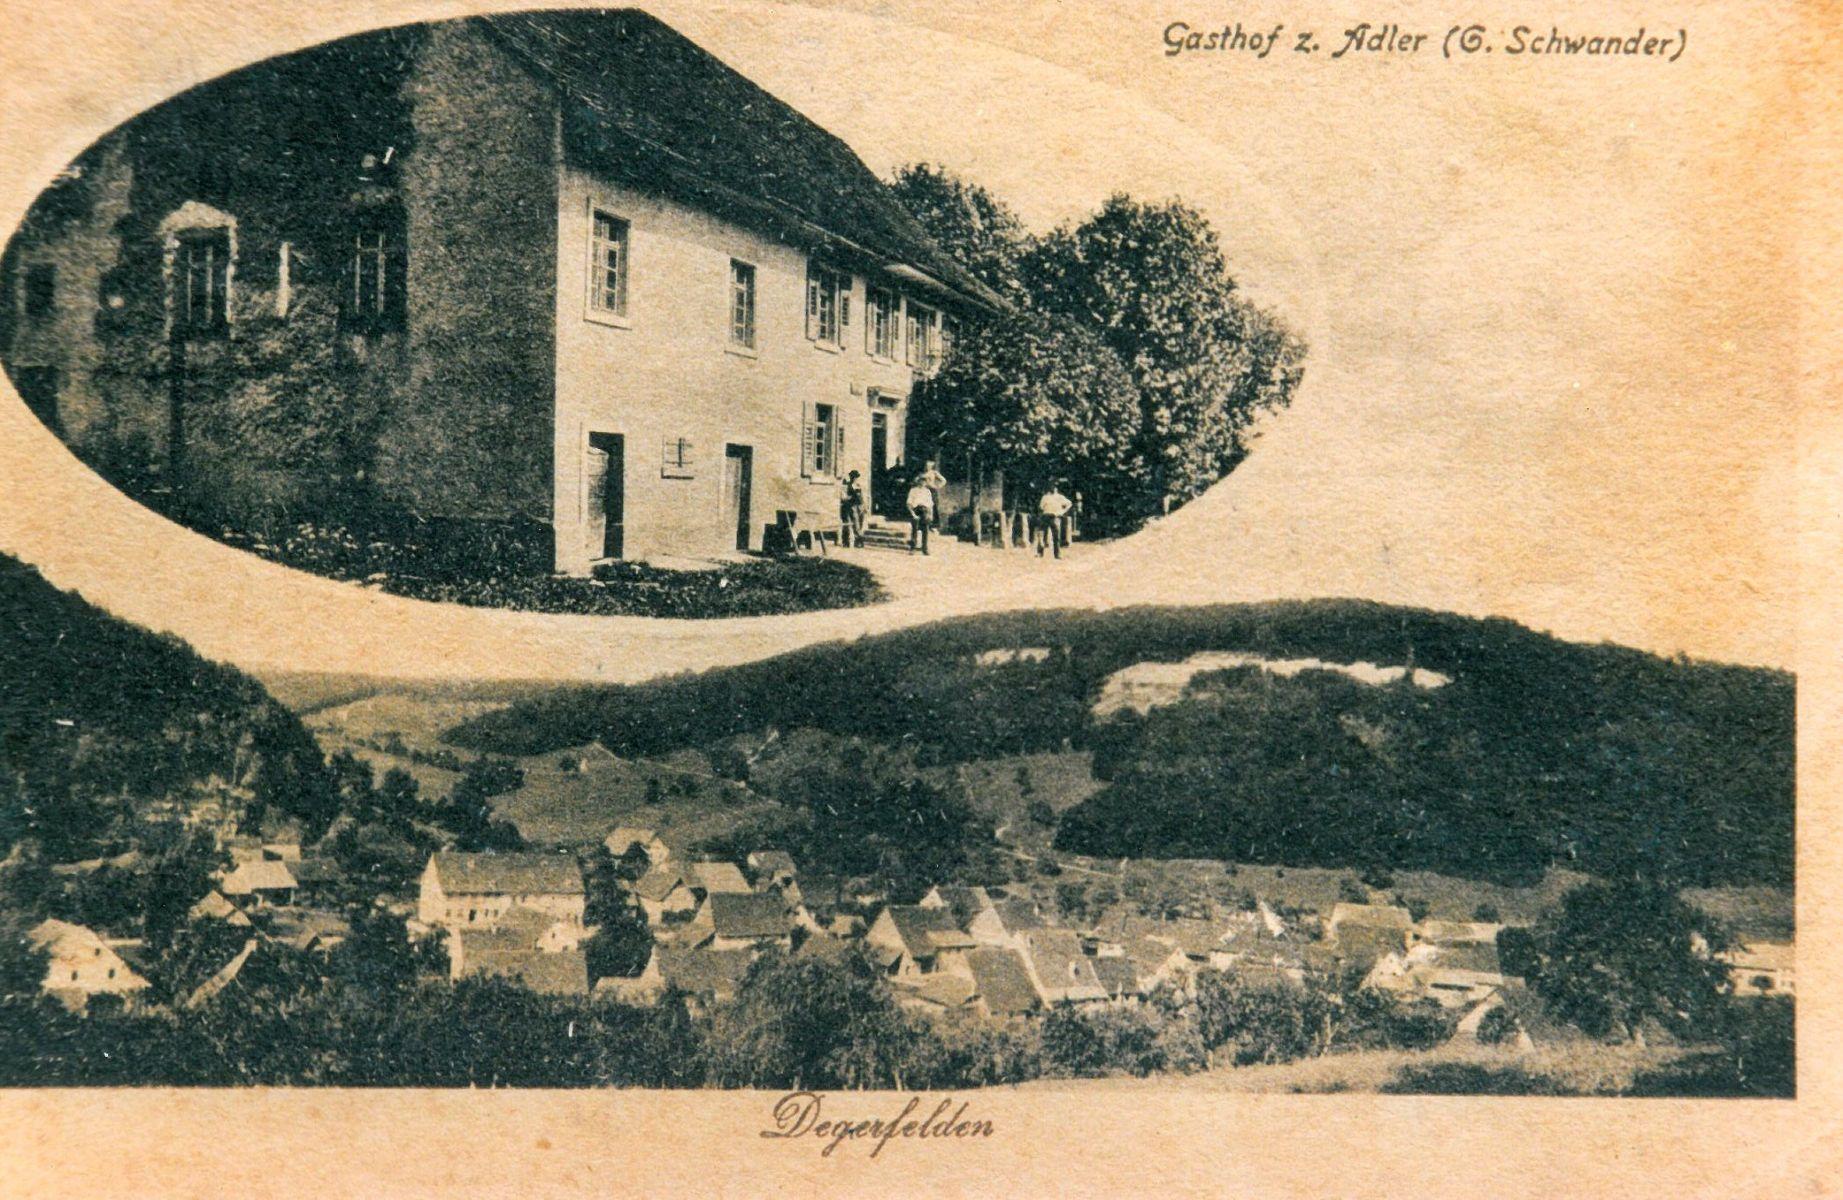 Gasthof Adler in Degerfelden, Aufnahme um 1920